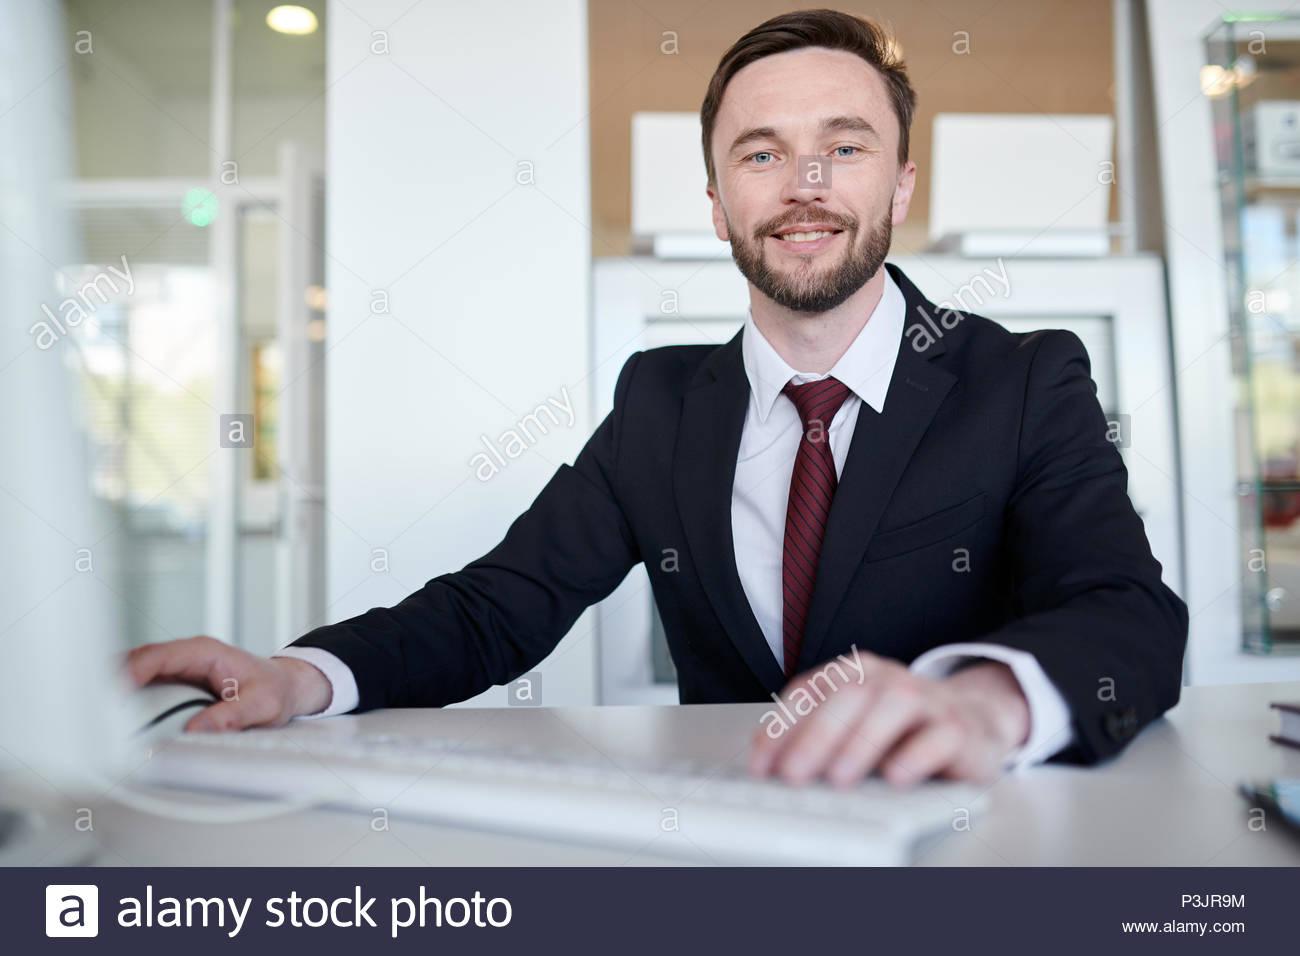 handsome-business-manager-at-desk-P3JR9M